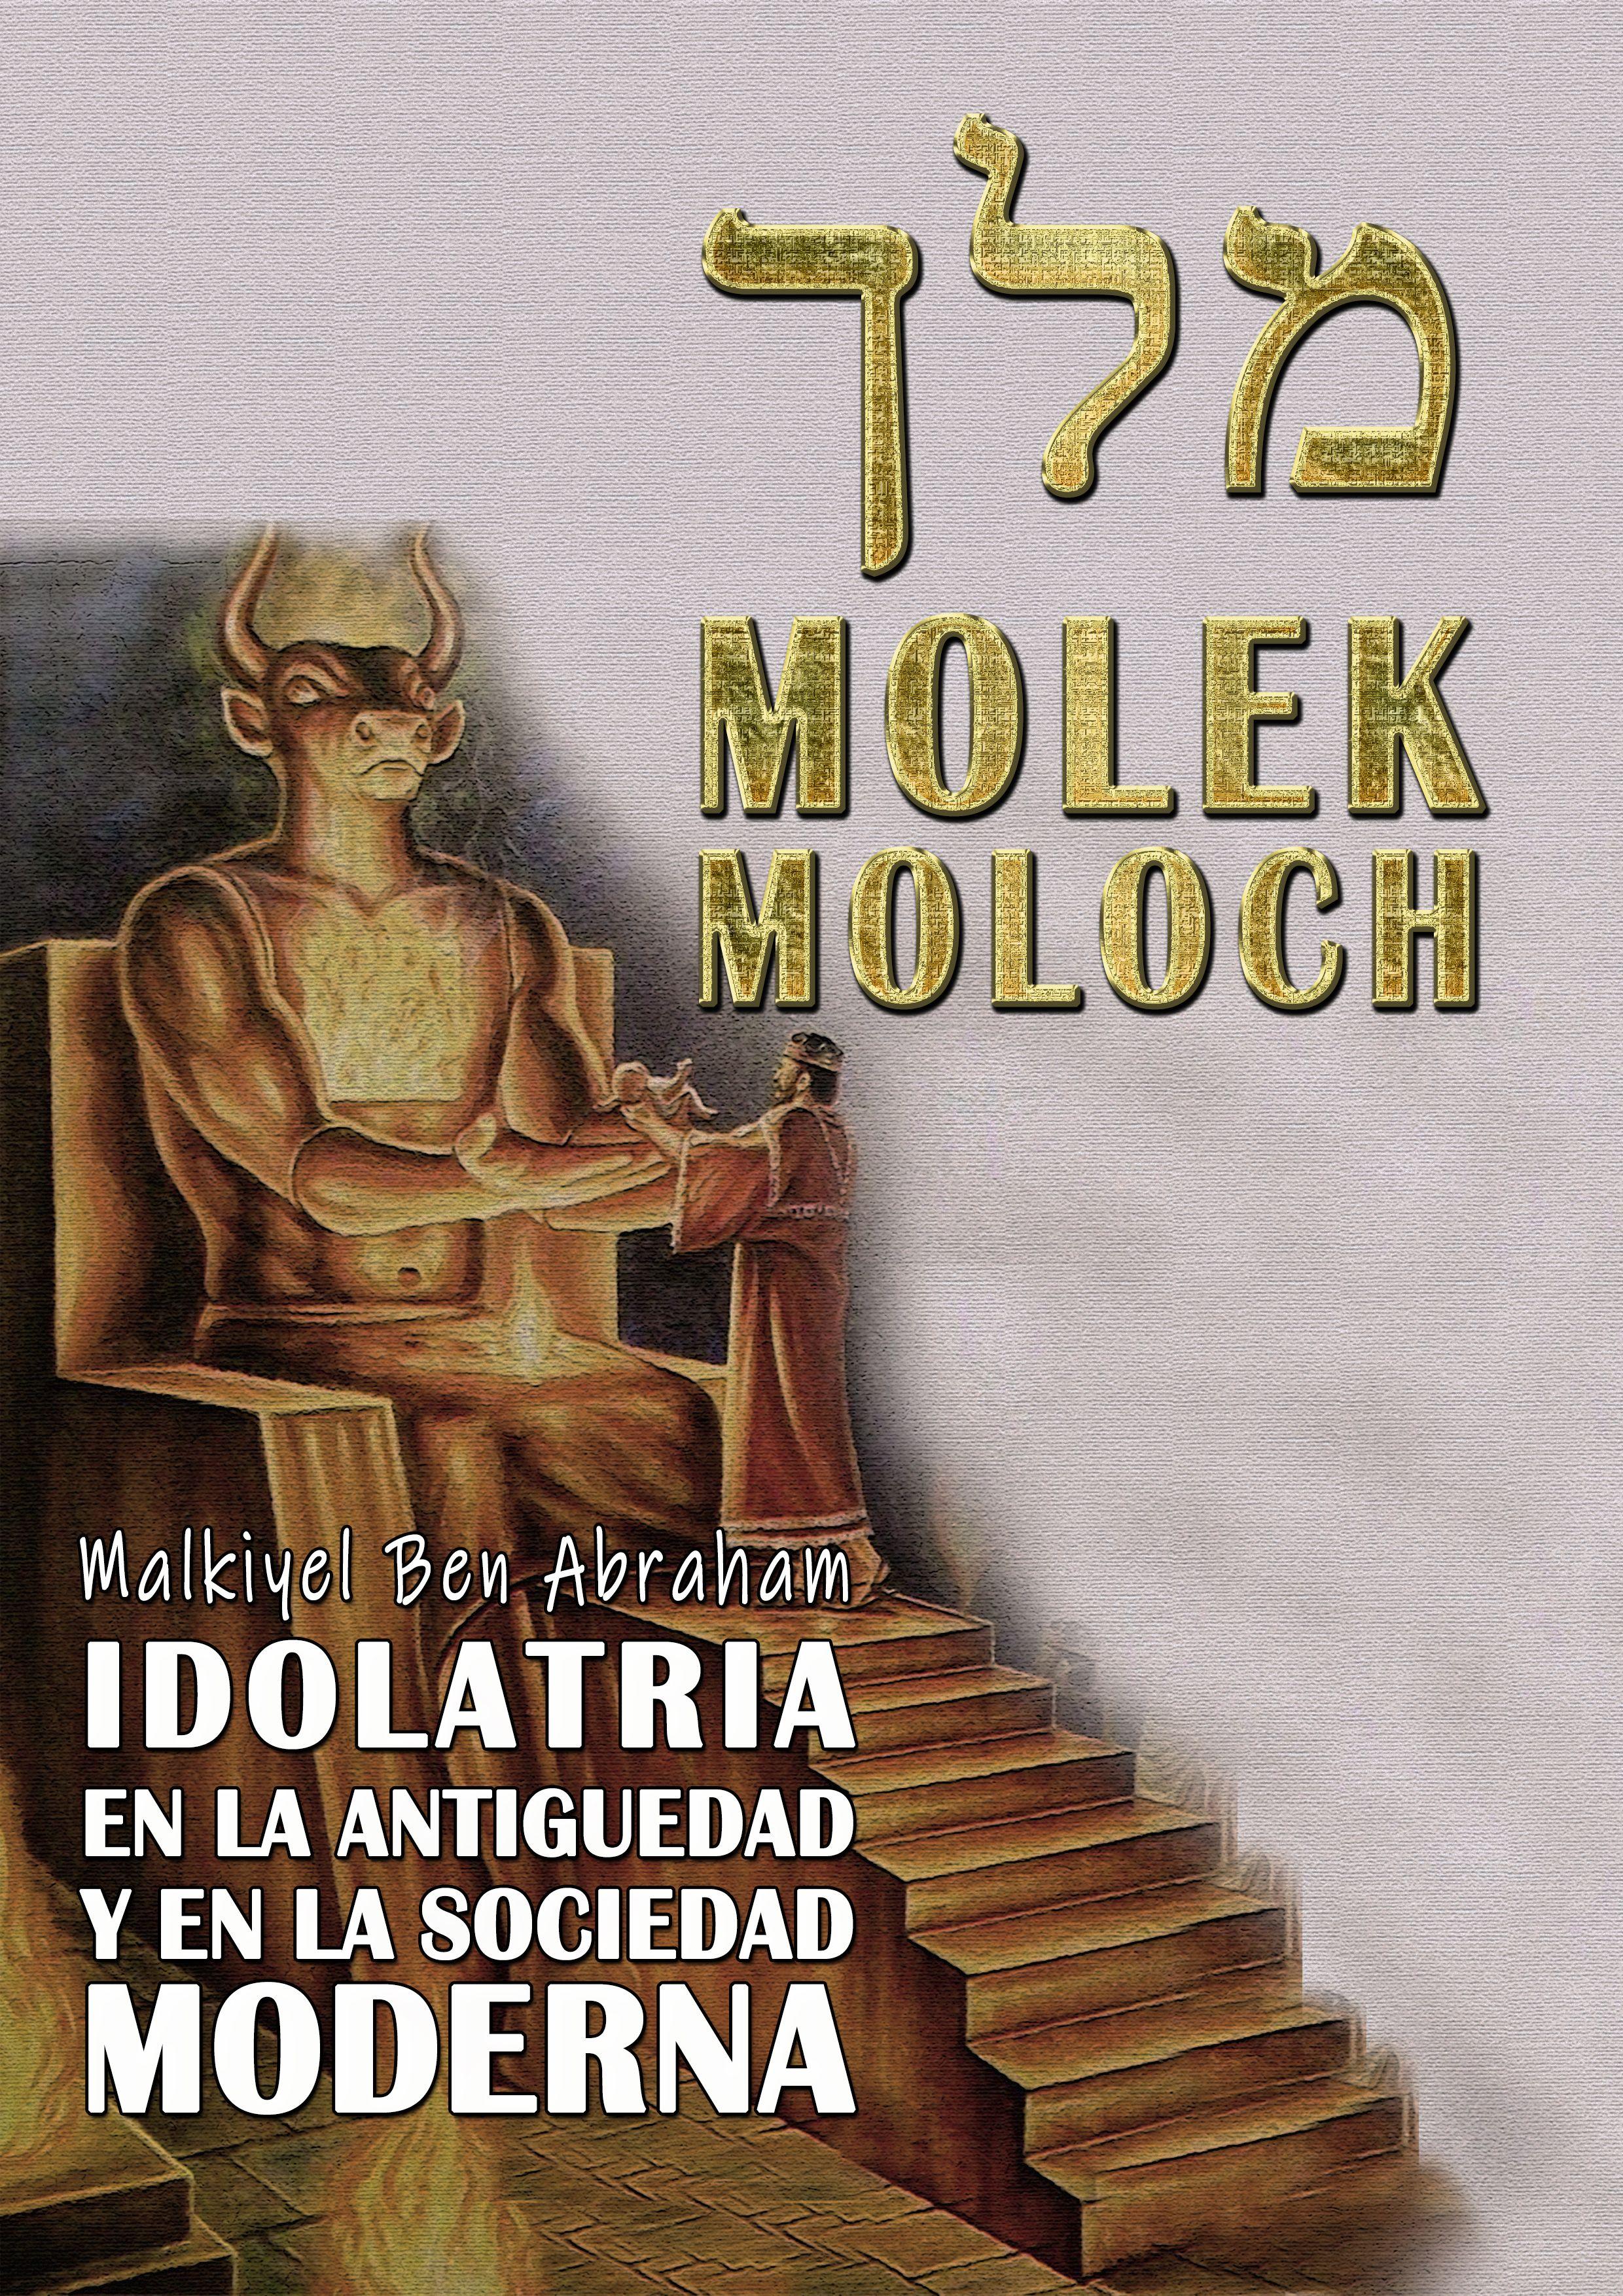 Molek Moloch מלך En La Antigüedad Y El Moderno Molek Moloch Sacrificio De Niños En La Actualidad En 2021 Libros Cristianos Pdf Hechos De La Historia Libros